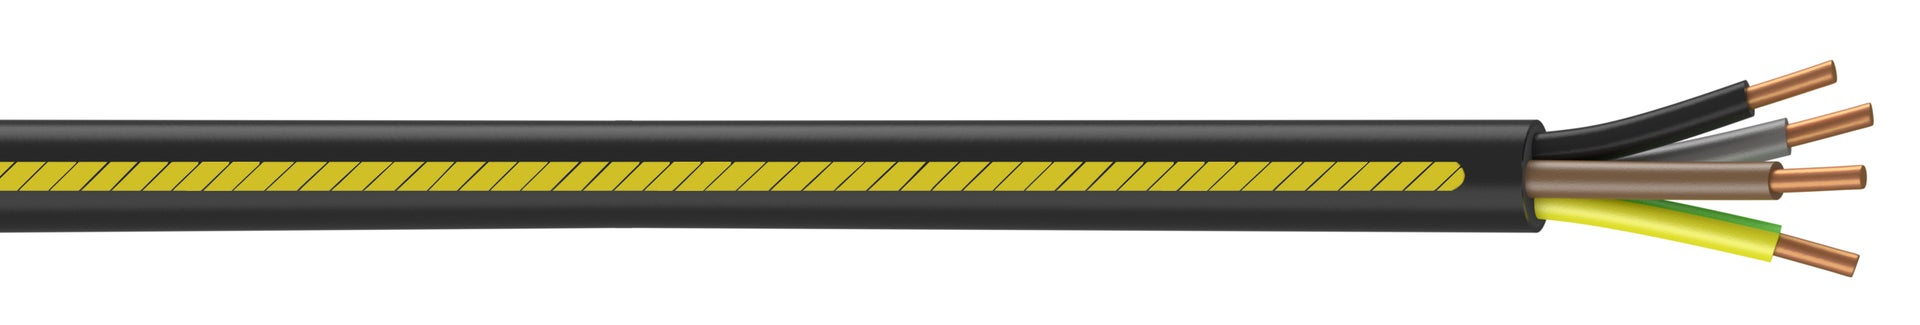 câble électrique 4 g 25 mm² u1000r2v l50 m noir